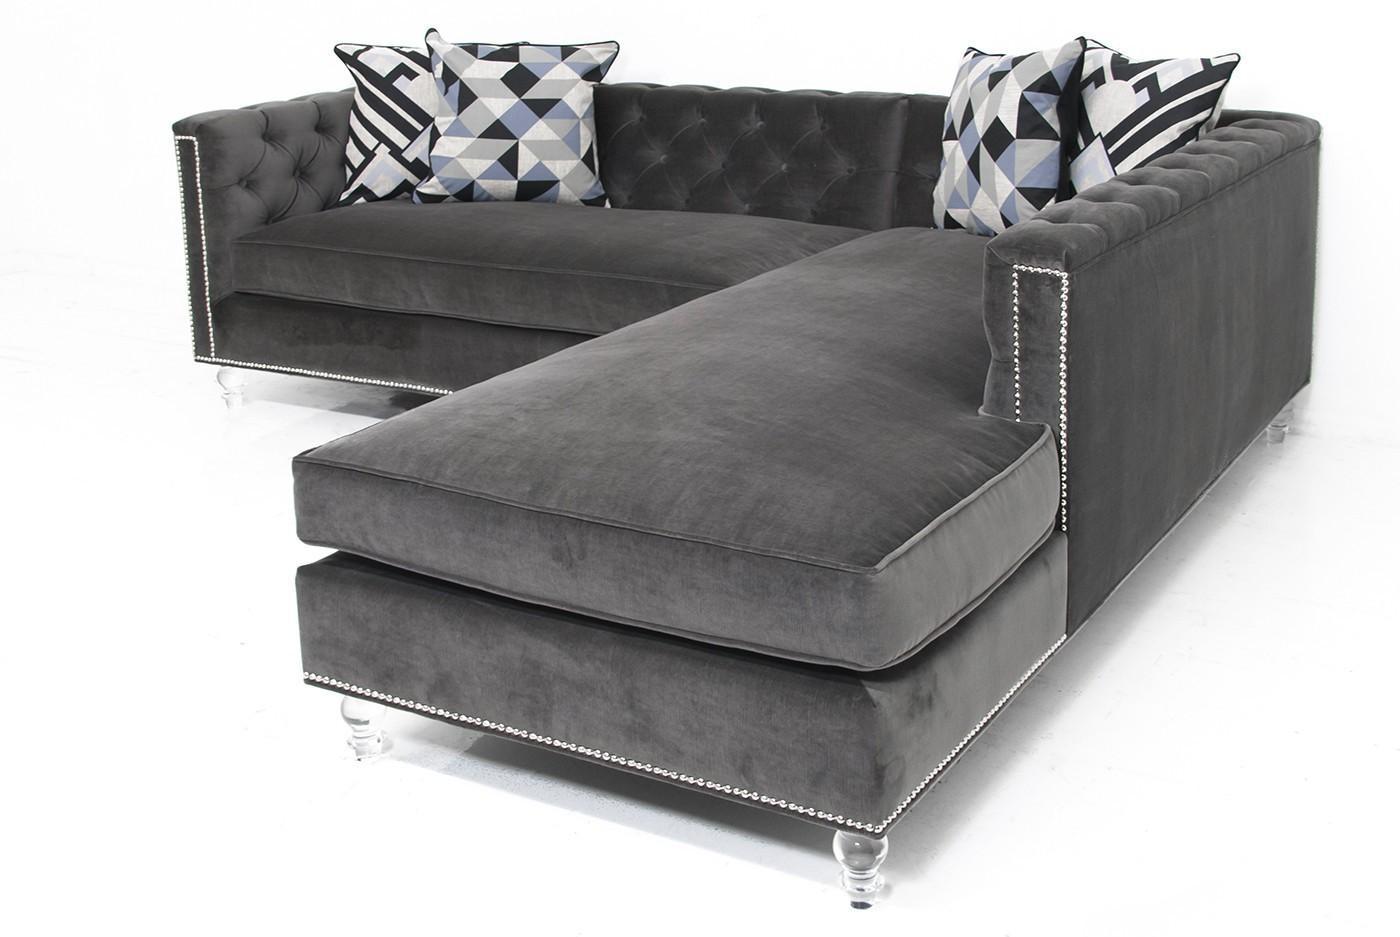 Velvet Tufted Sectional Sofa | Tehranmix Decoration Within Tufted Sectional Sofa Chaise (View 9 of 20)